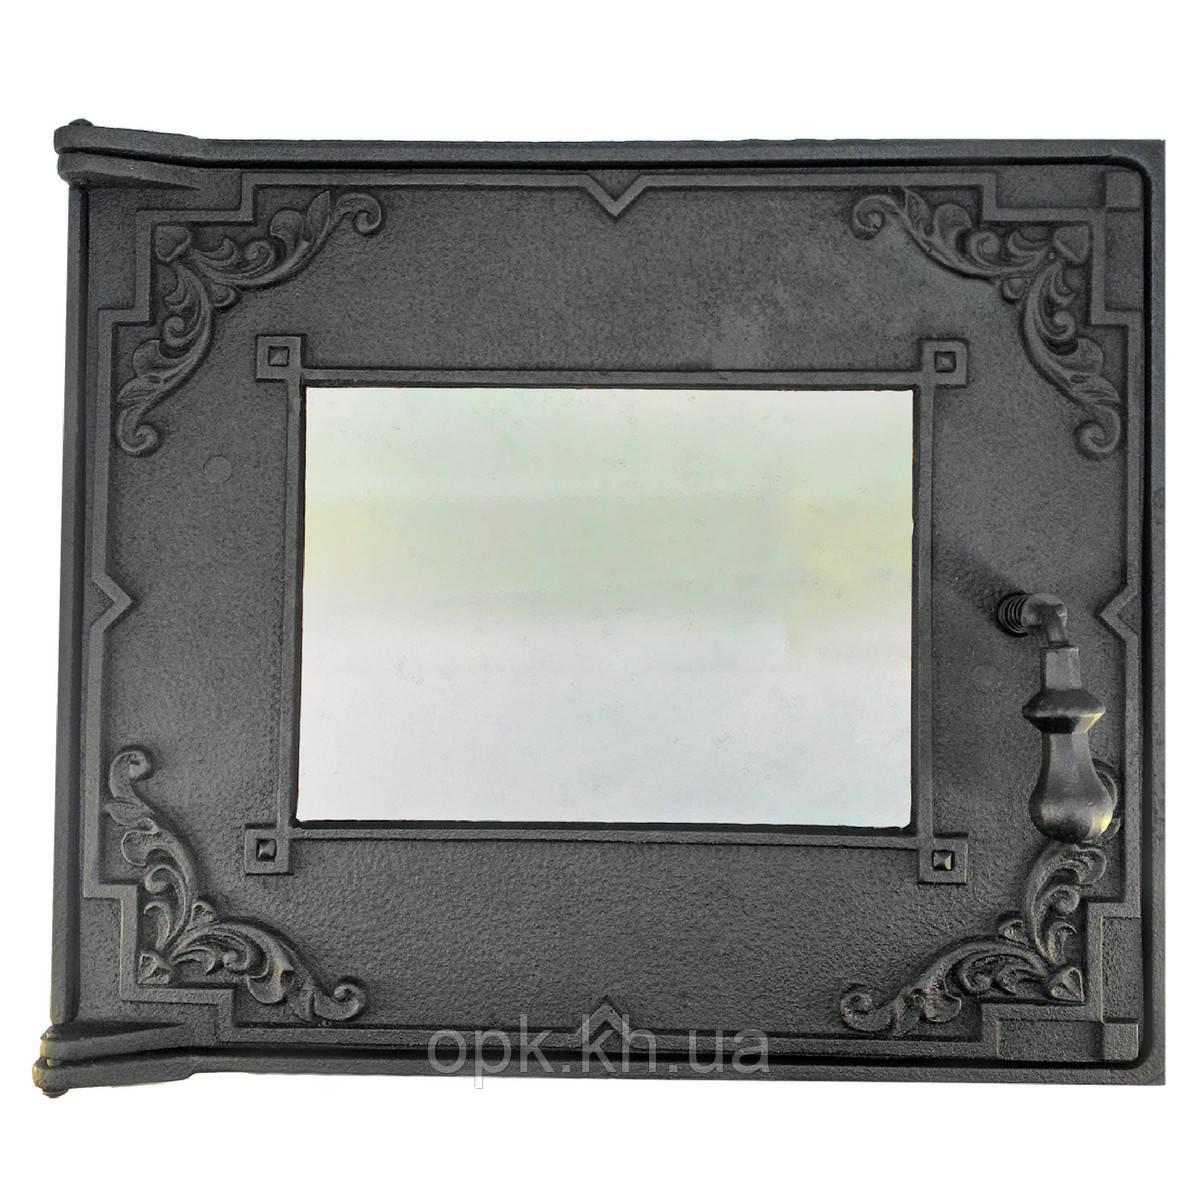 """Духовка чугунная дверка со стеклом 454""""385""""515 мм (вес - 70 кг)"""